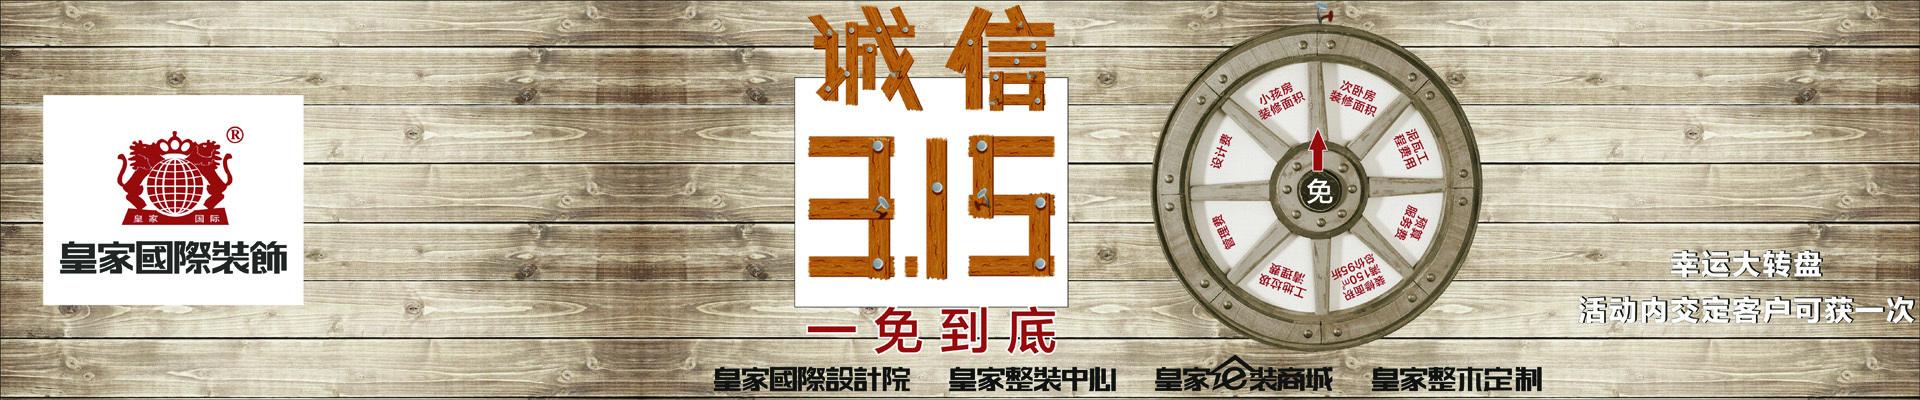 惠州市区皇家装饰